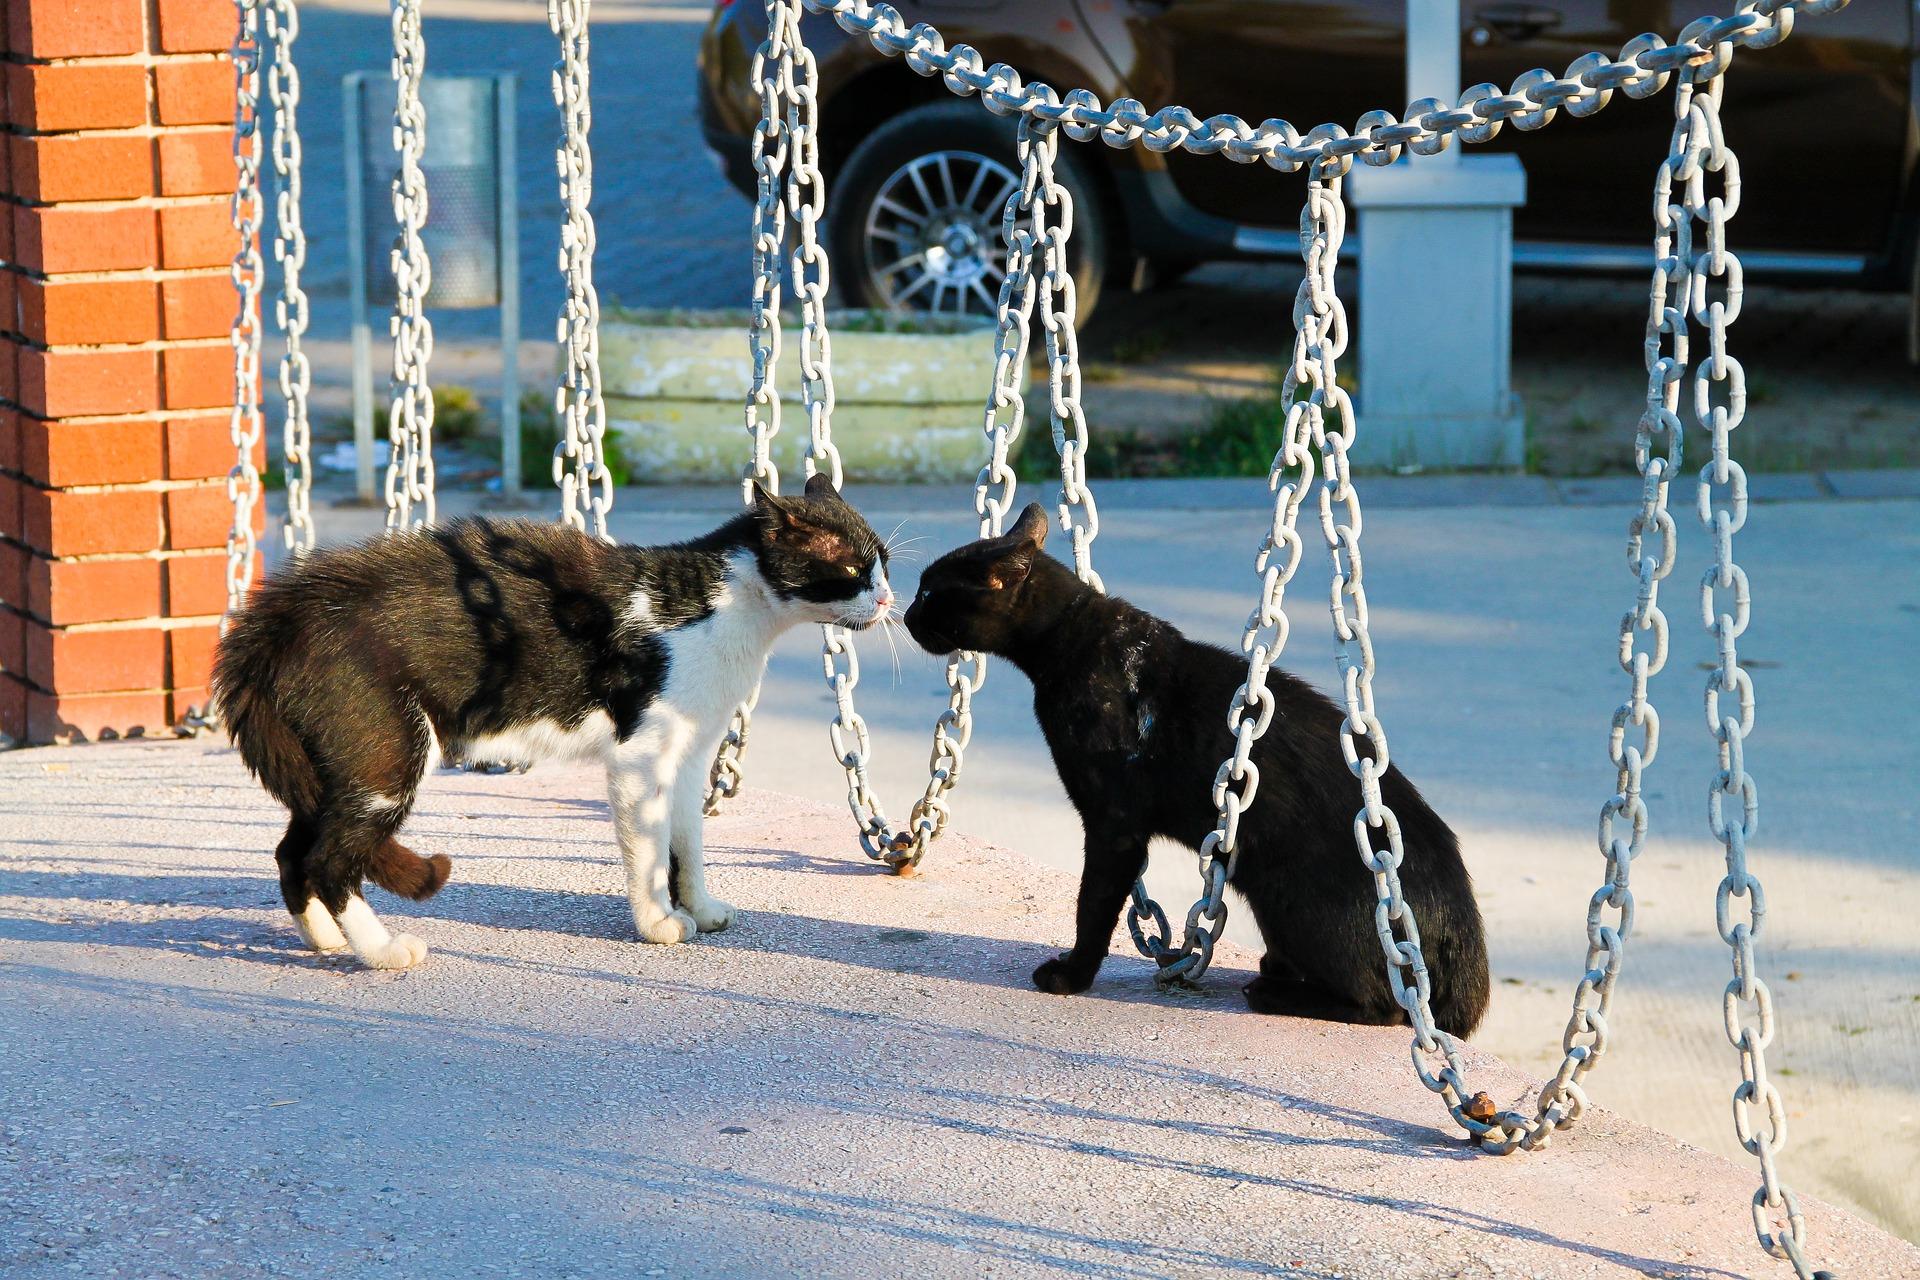 Łączenie kotów powinno odbywać się powoli i stopniowo z zachowaniem zasad izolacji z socjalizacją. W przeciwnym przypadku z pewnością pojawi się agresja wśród kotów, np. na podłożu terytorialnym.